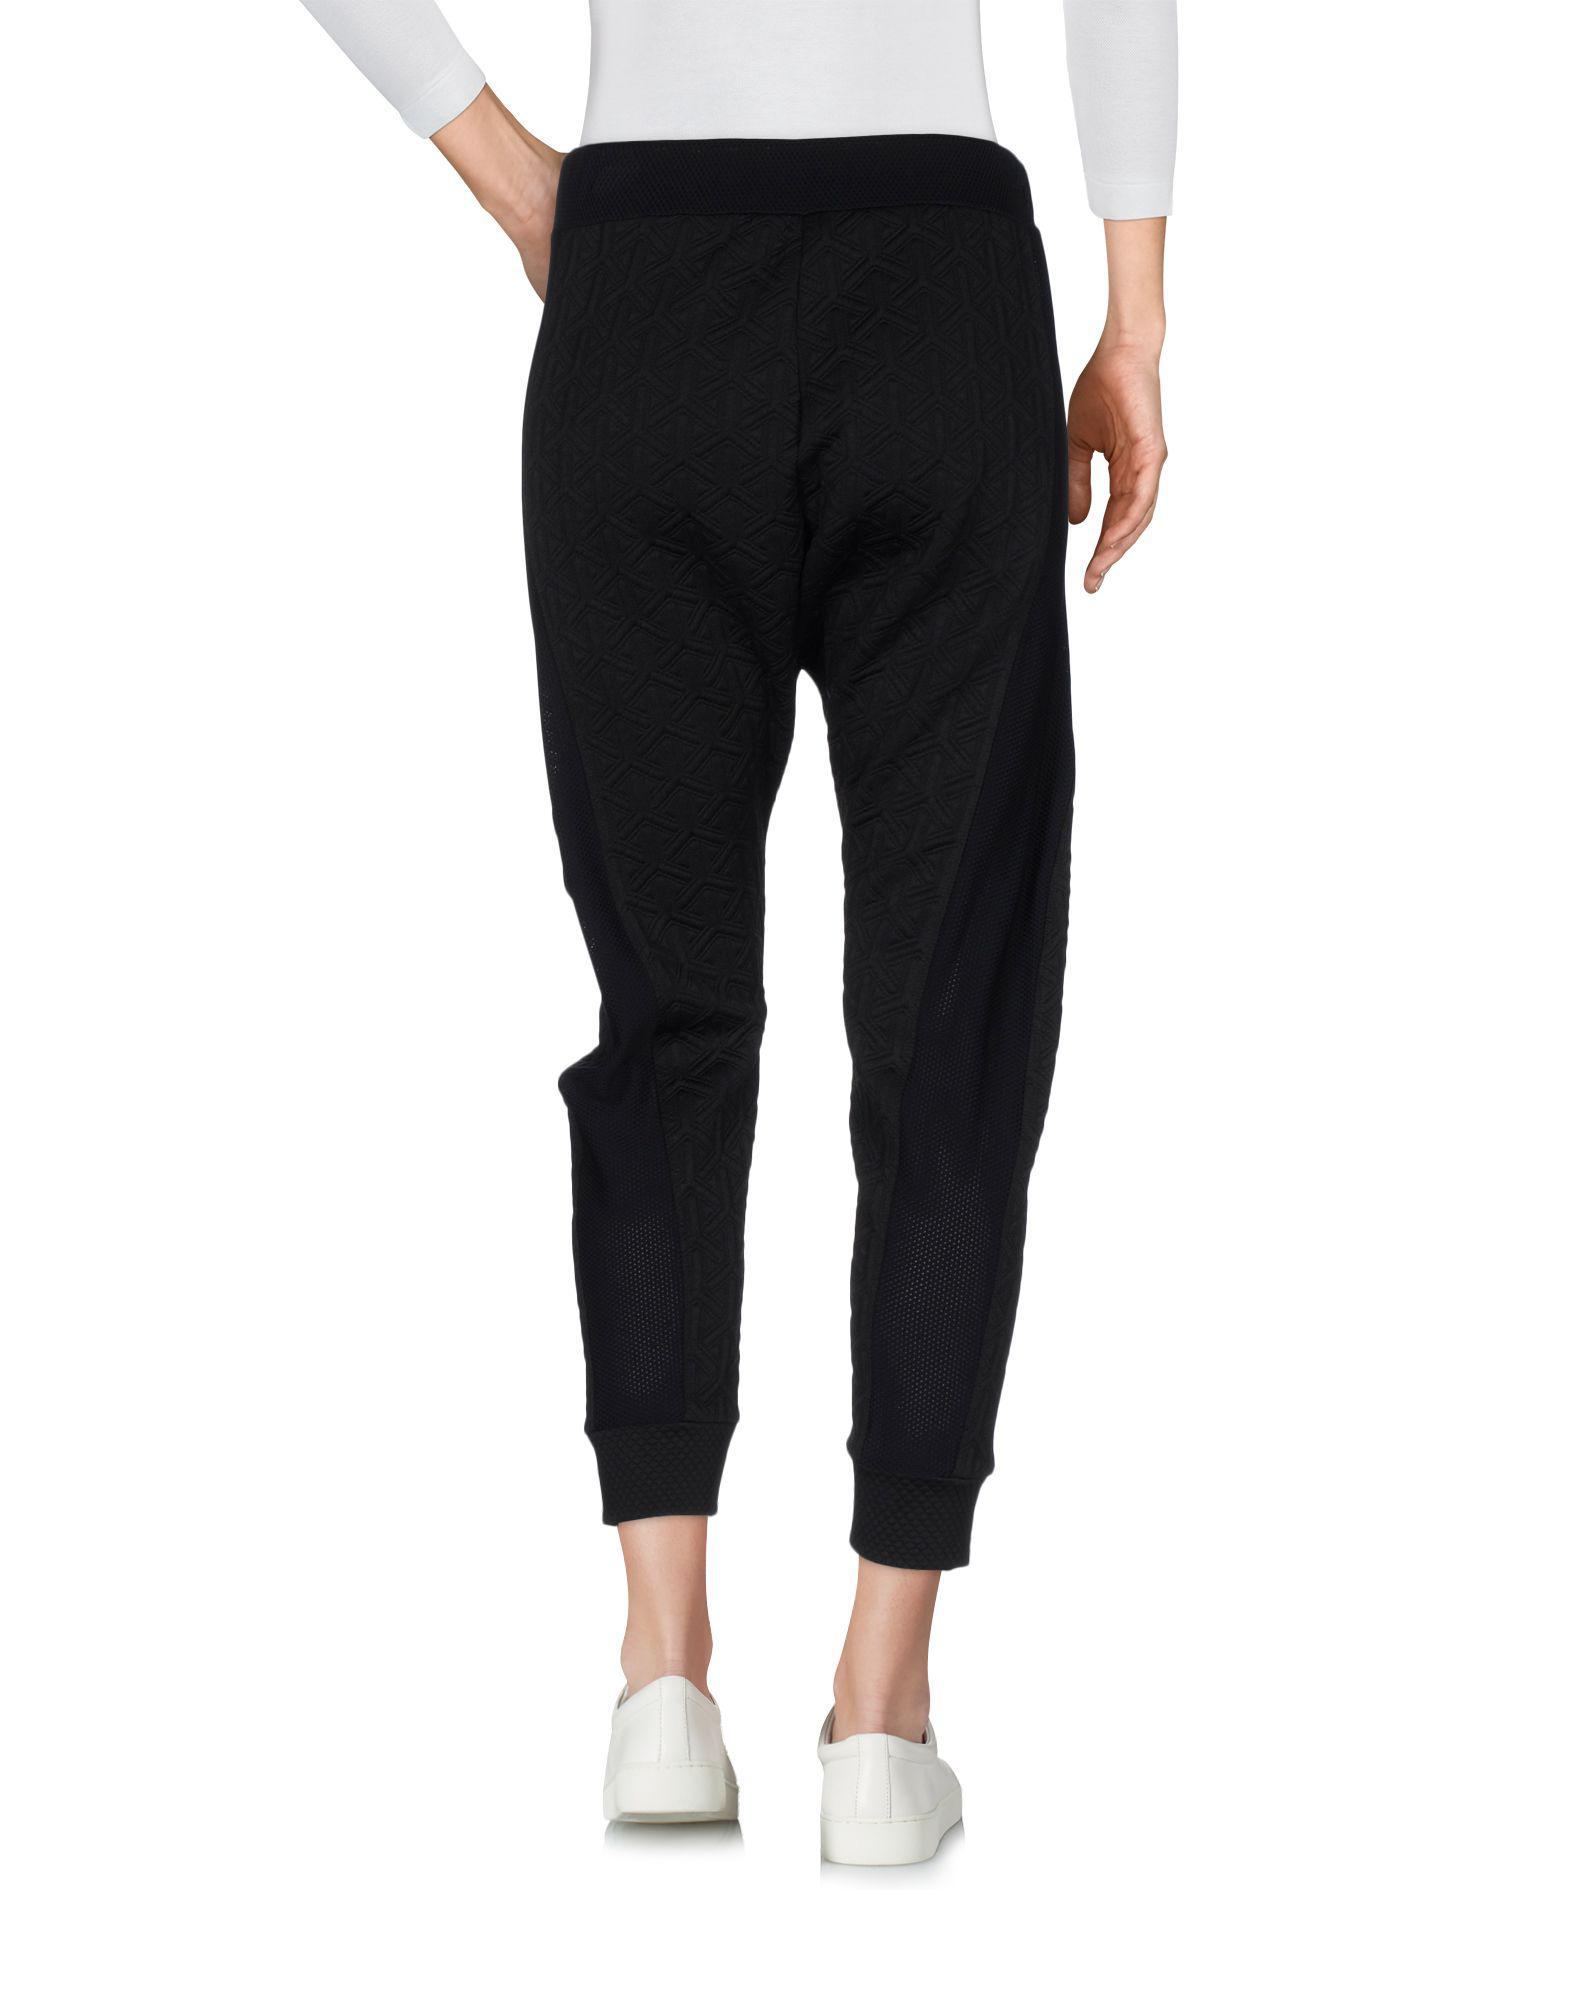 3 4 Pantalones da longitud Till nxOazqz8gw